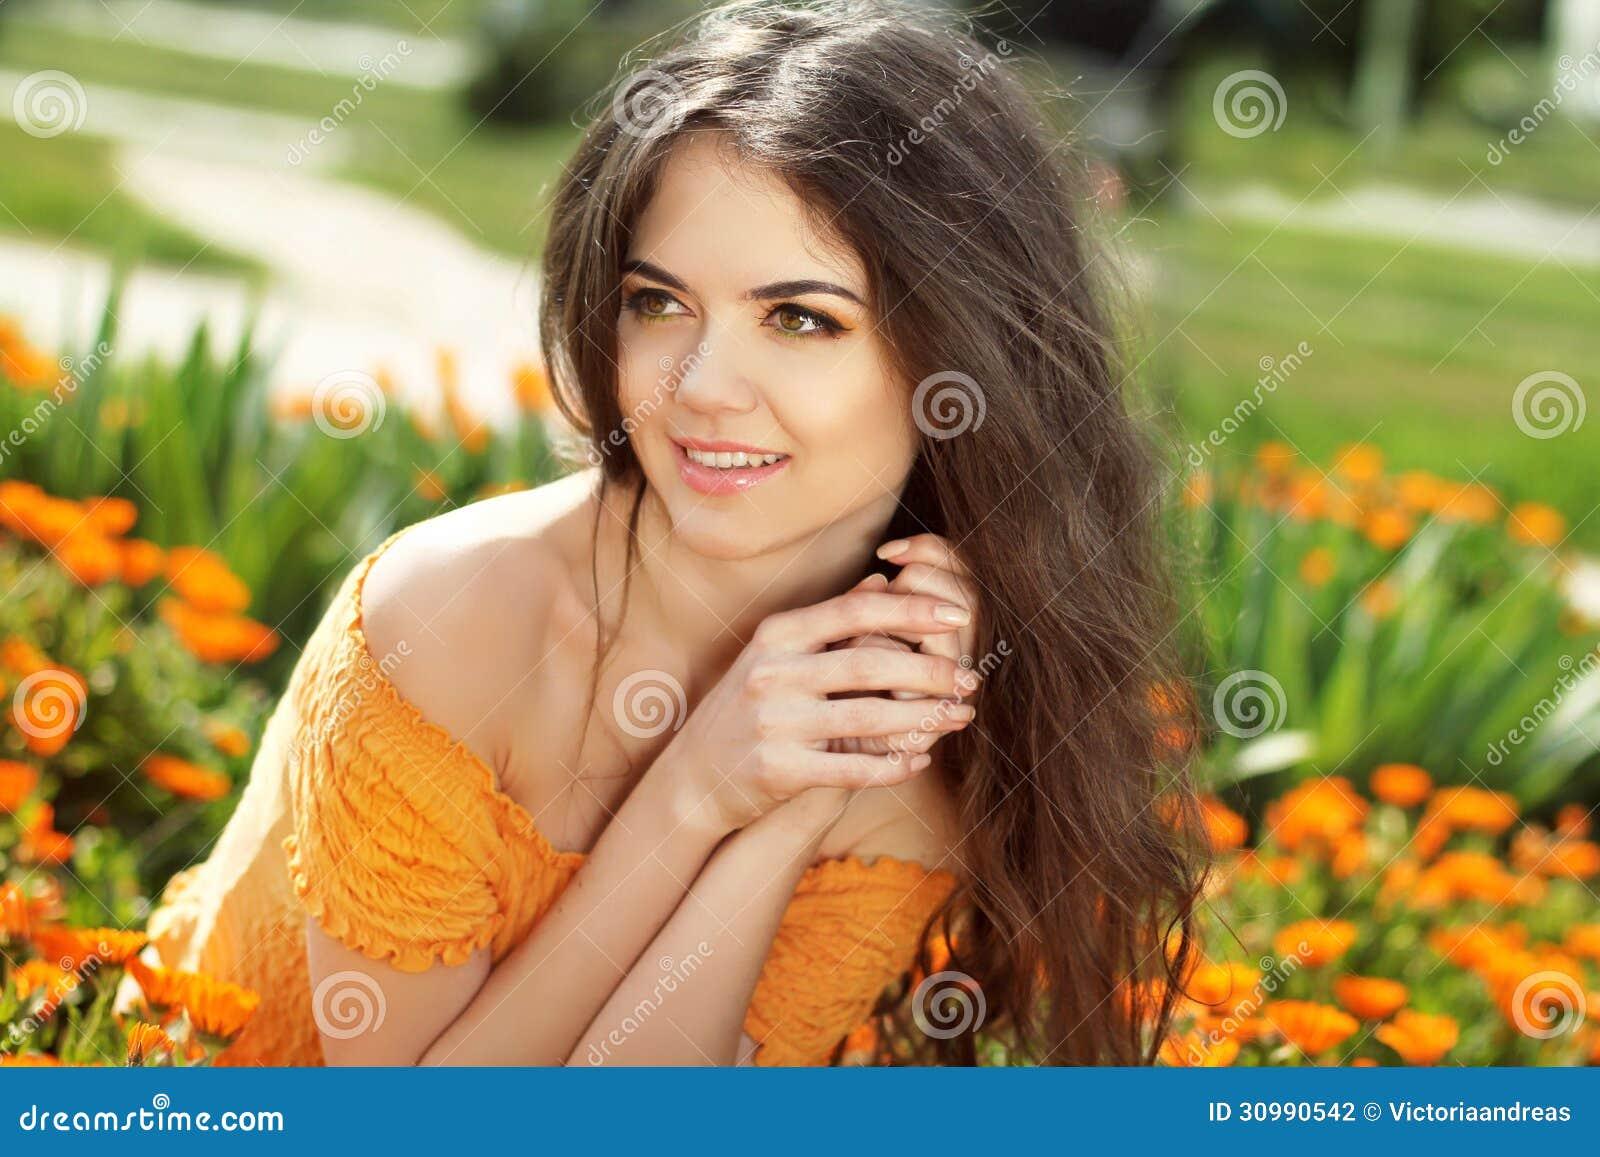 Njutning. Lycklig le brunettkvinna med near framsidaembr för armar